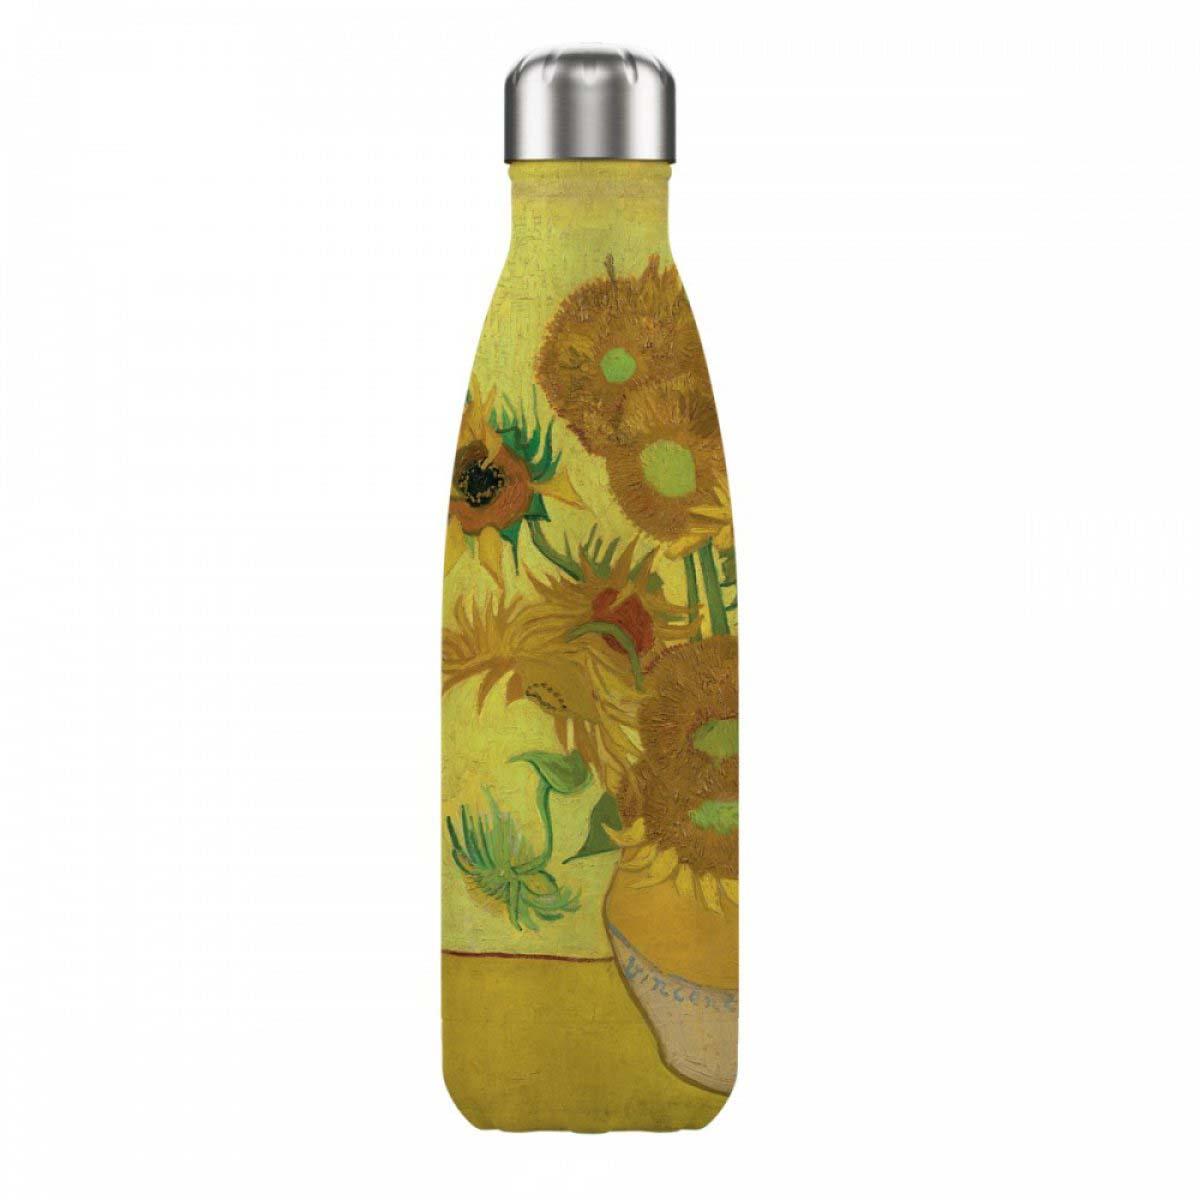 Bouteille isotherme design \'Vincent Van Gogh\' (tournesols) - 25x5 cm (500 ml) - [A0867]